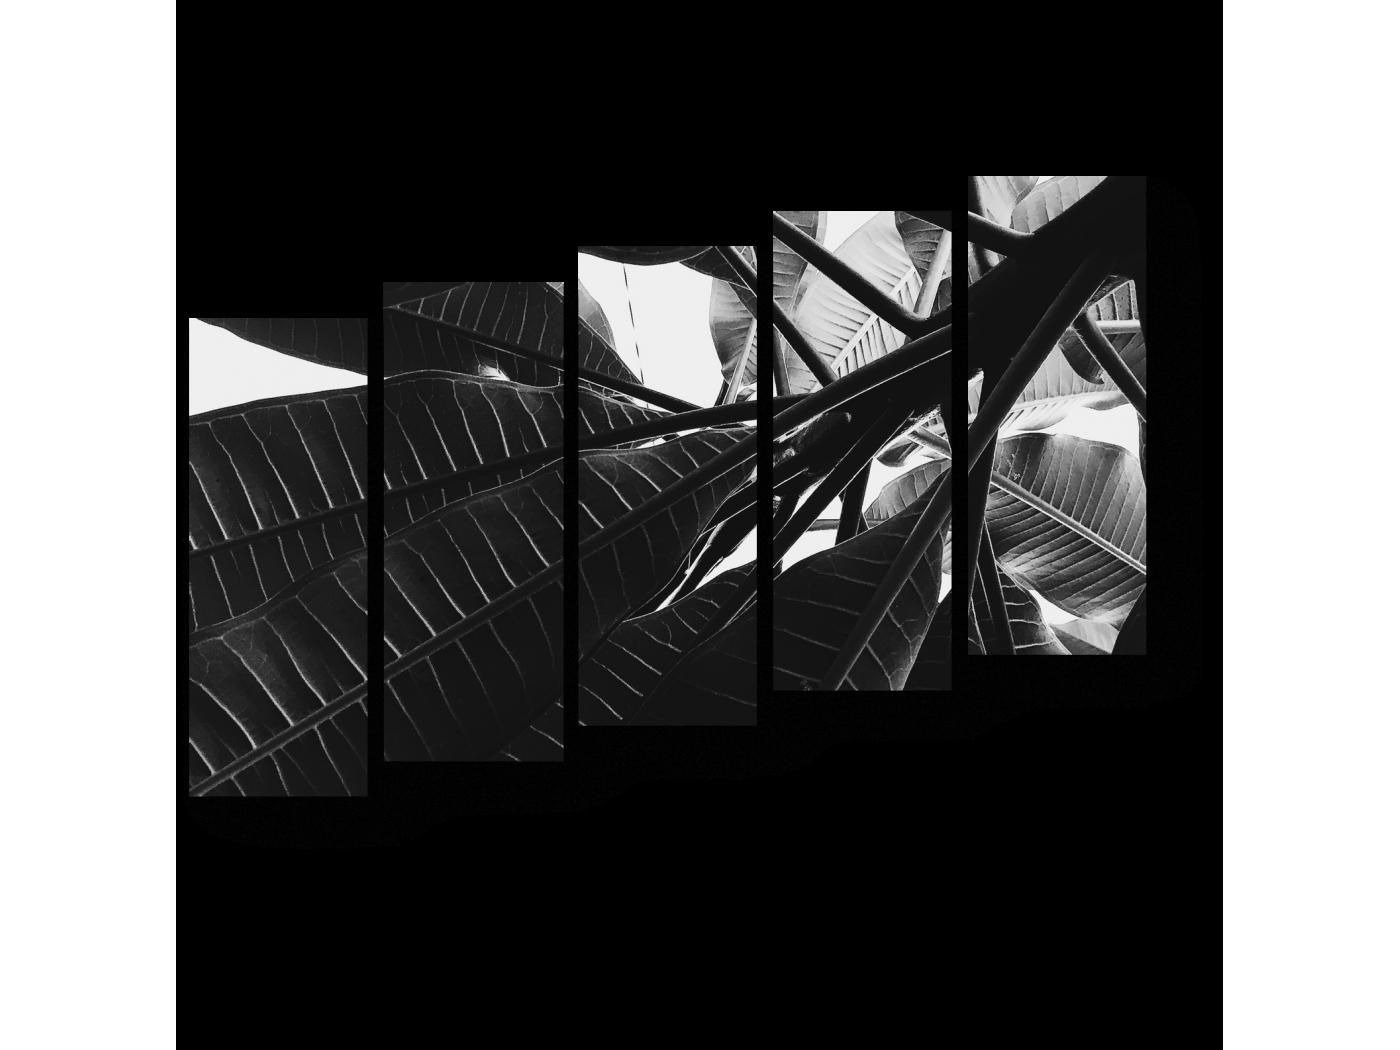 Модульная картина Скрываясь в тени растений (90x63) фото